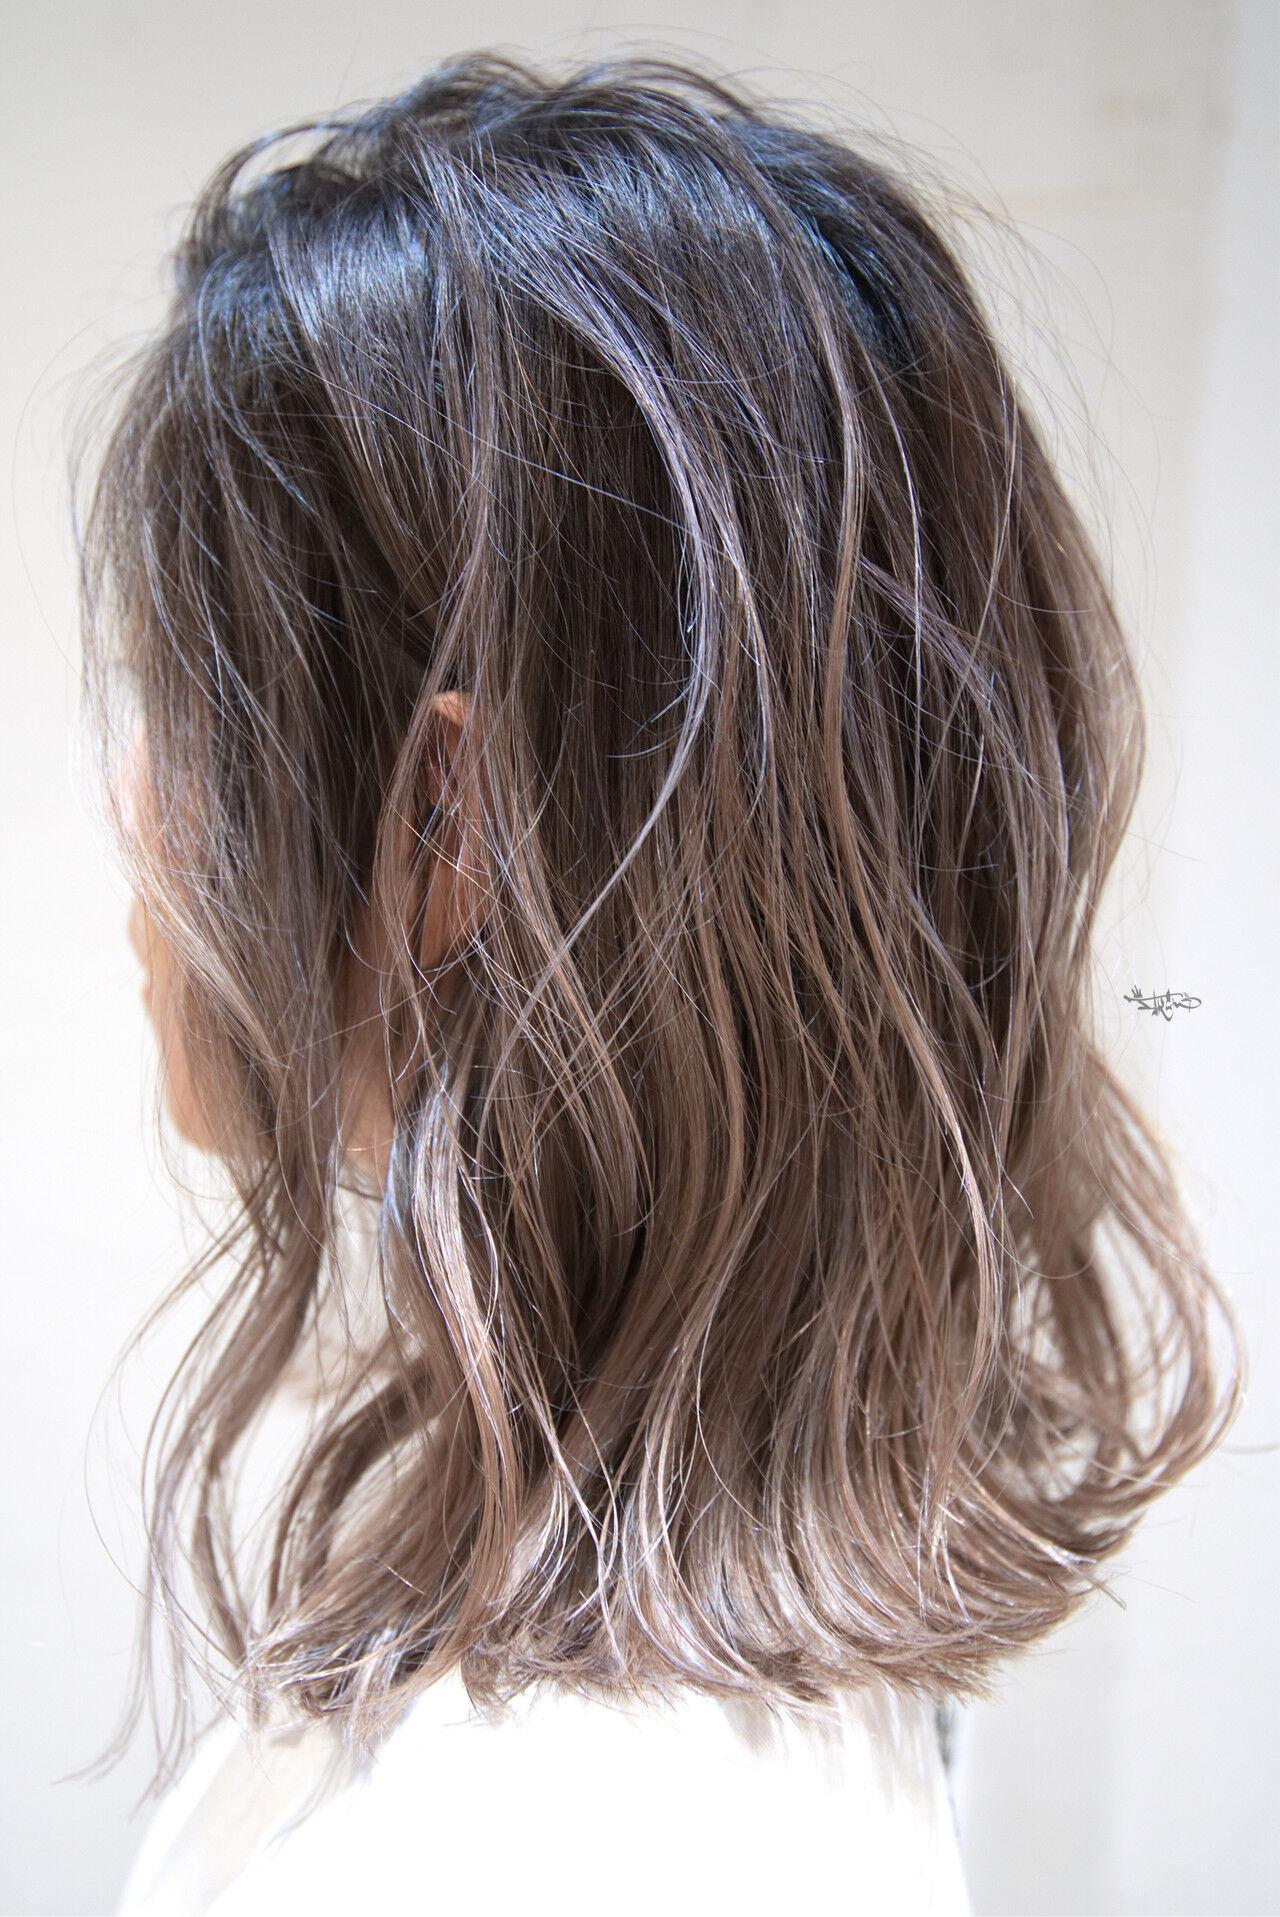 ボブ 外国人風カラー バレイヤージュ ハイライトヘアスタイルや髪型の写真・画像